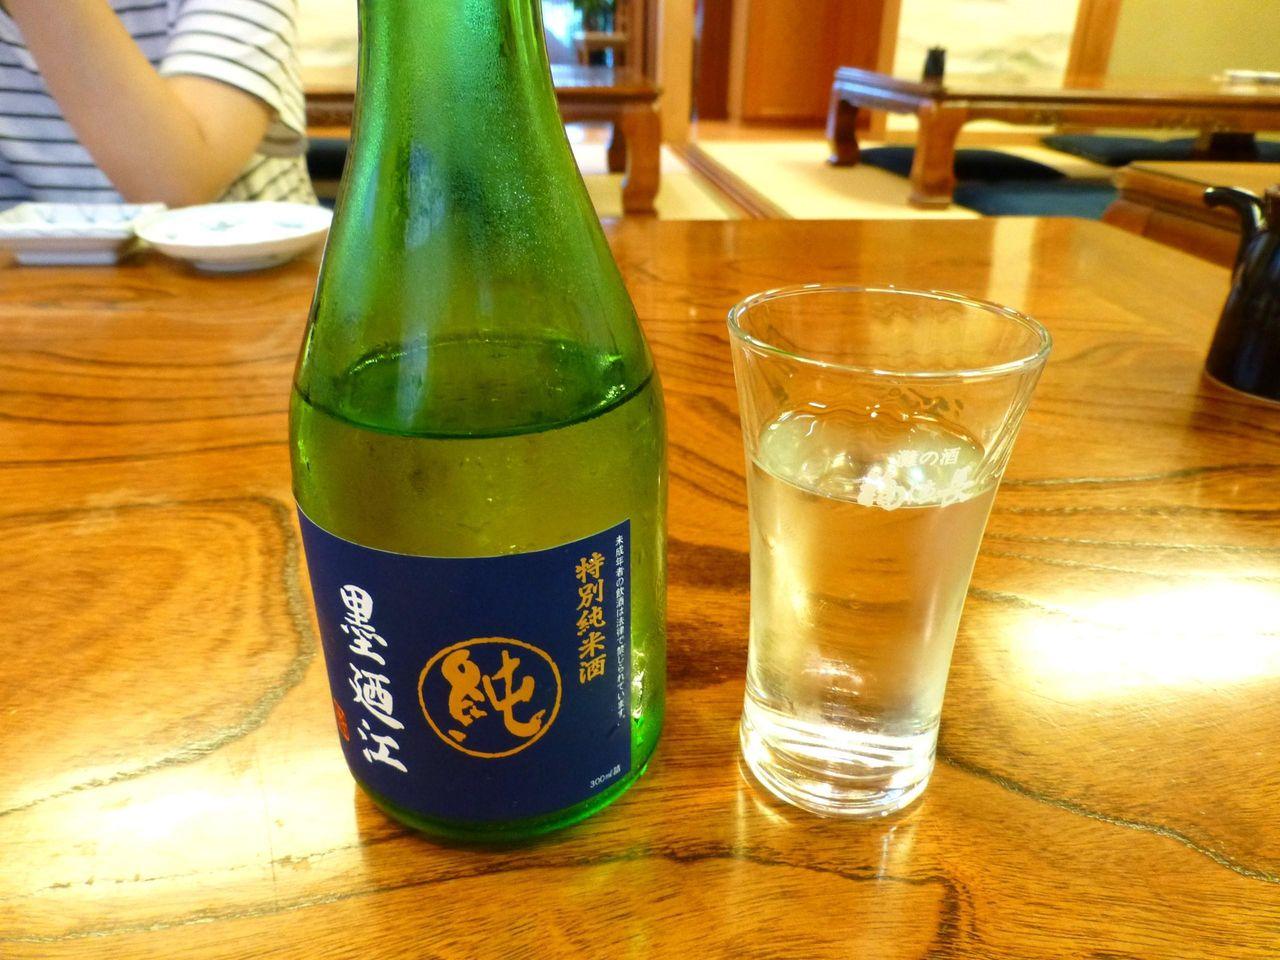 海鮮料理には冷酒が良く合います!